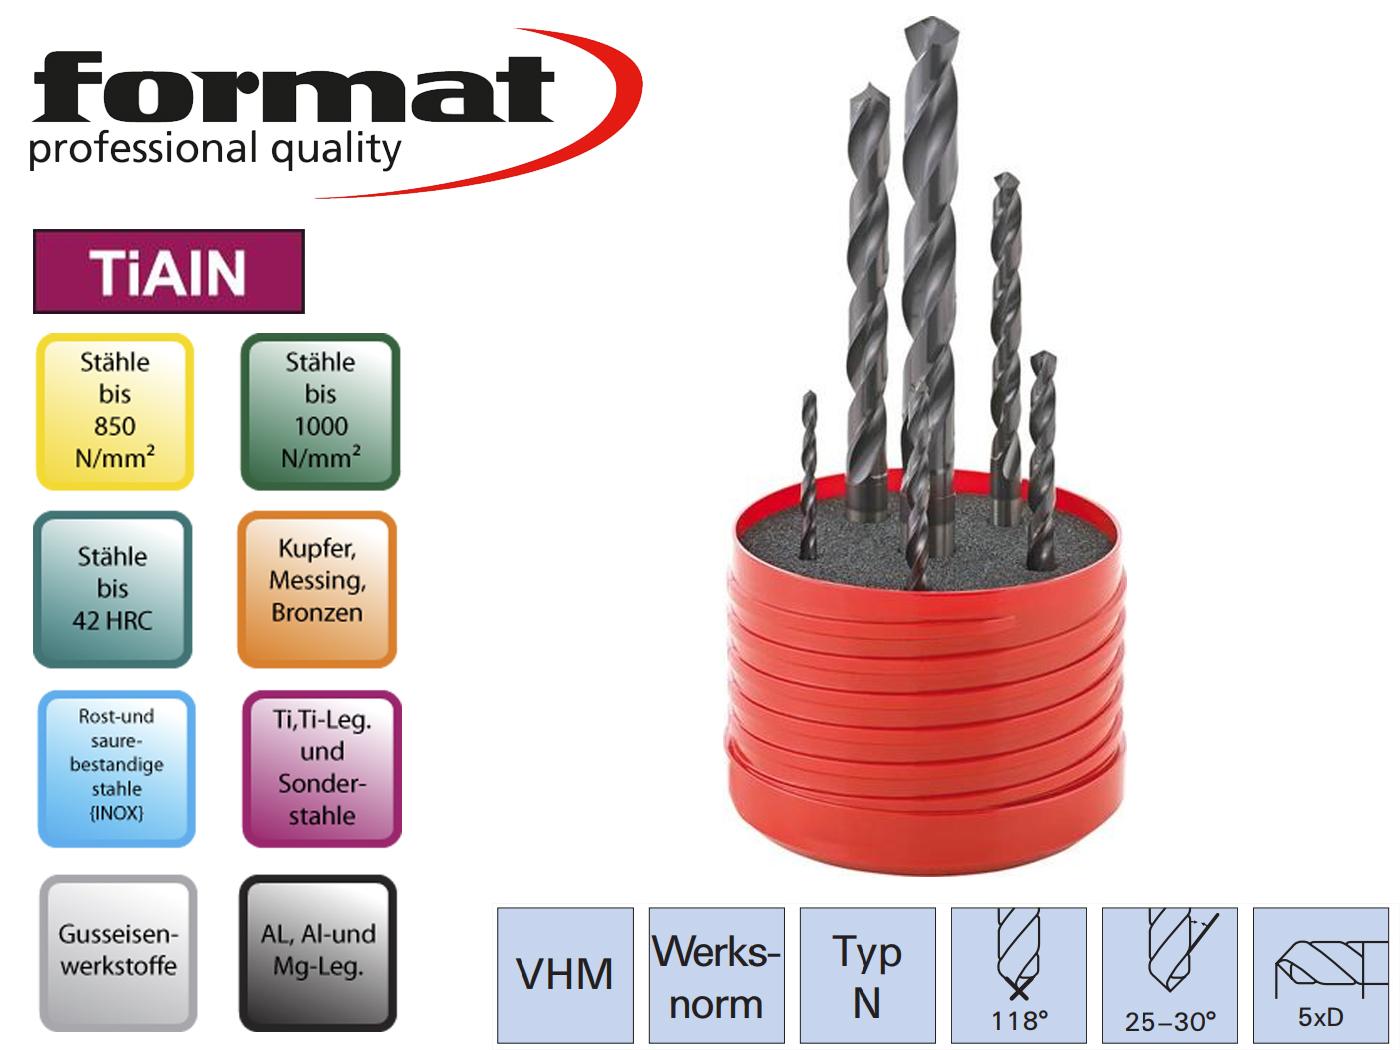 Spiraalboor set DIN 338 N VHM TiALN   DKMTools - DKM Tools